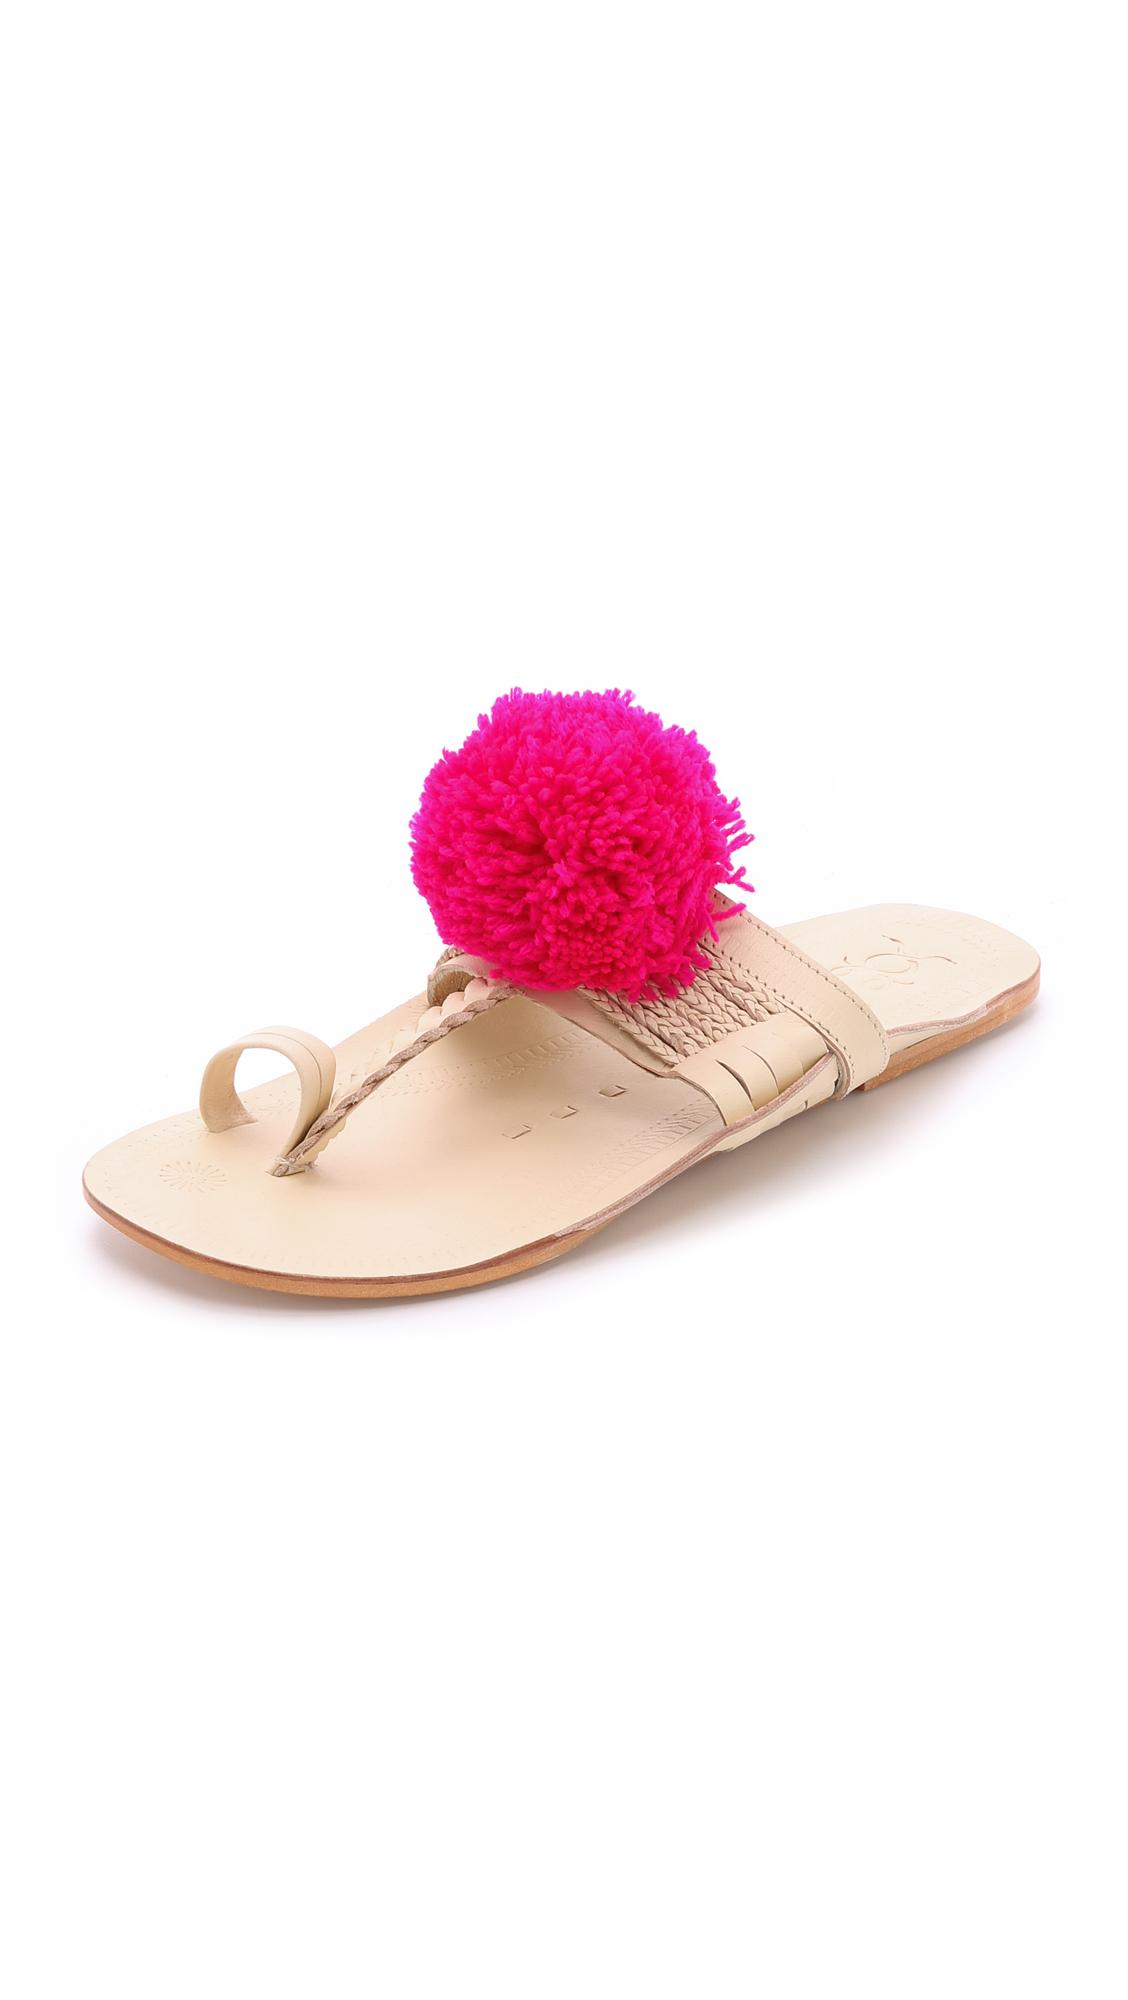 FIGUE Floral embellished slide sandals aAVYLlLYg